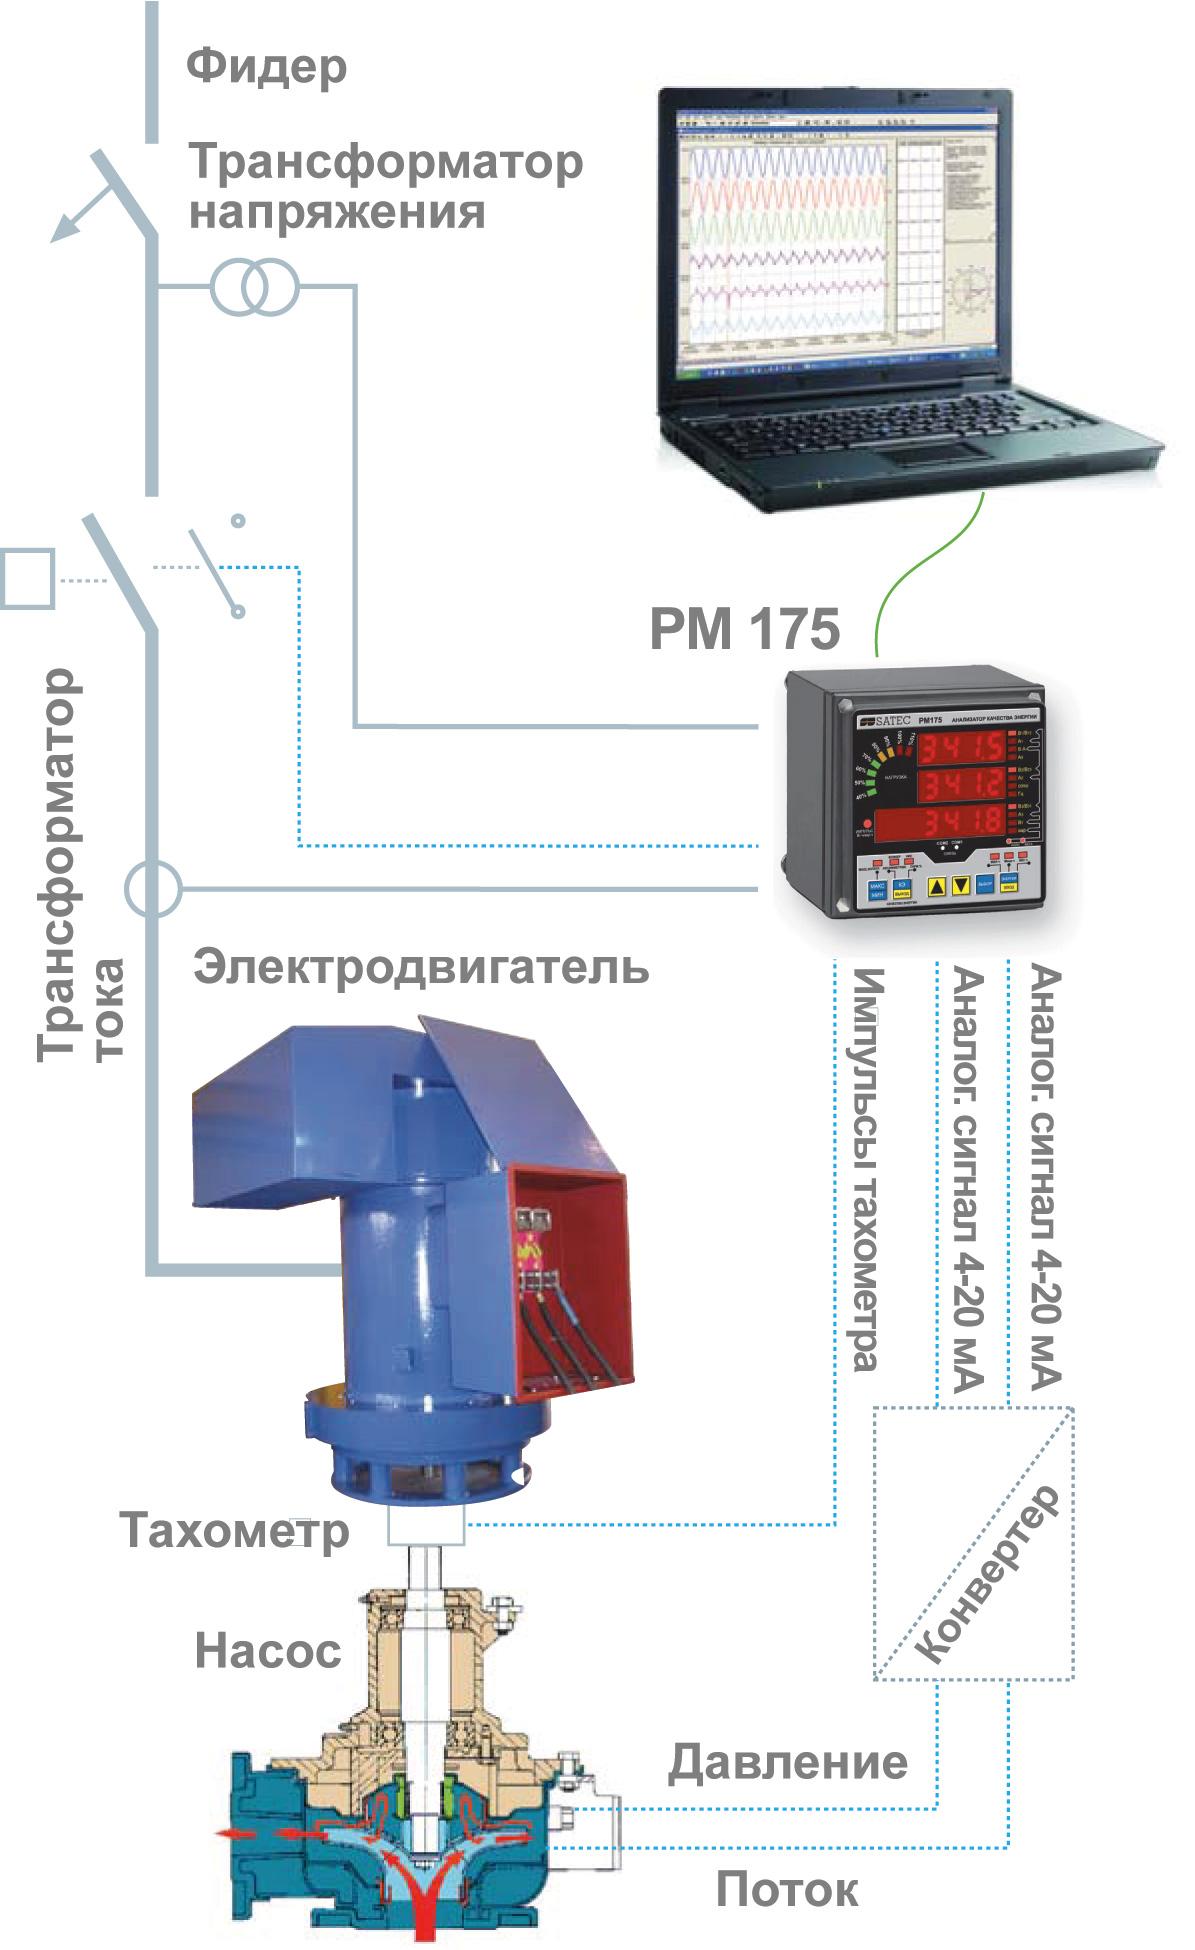 PM175 - Анализатор качества электроэнергии, измерение показателей качества электрической энергии